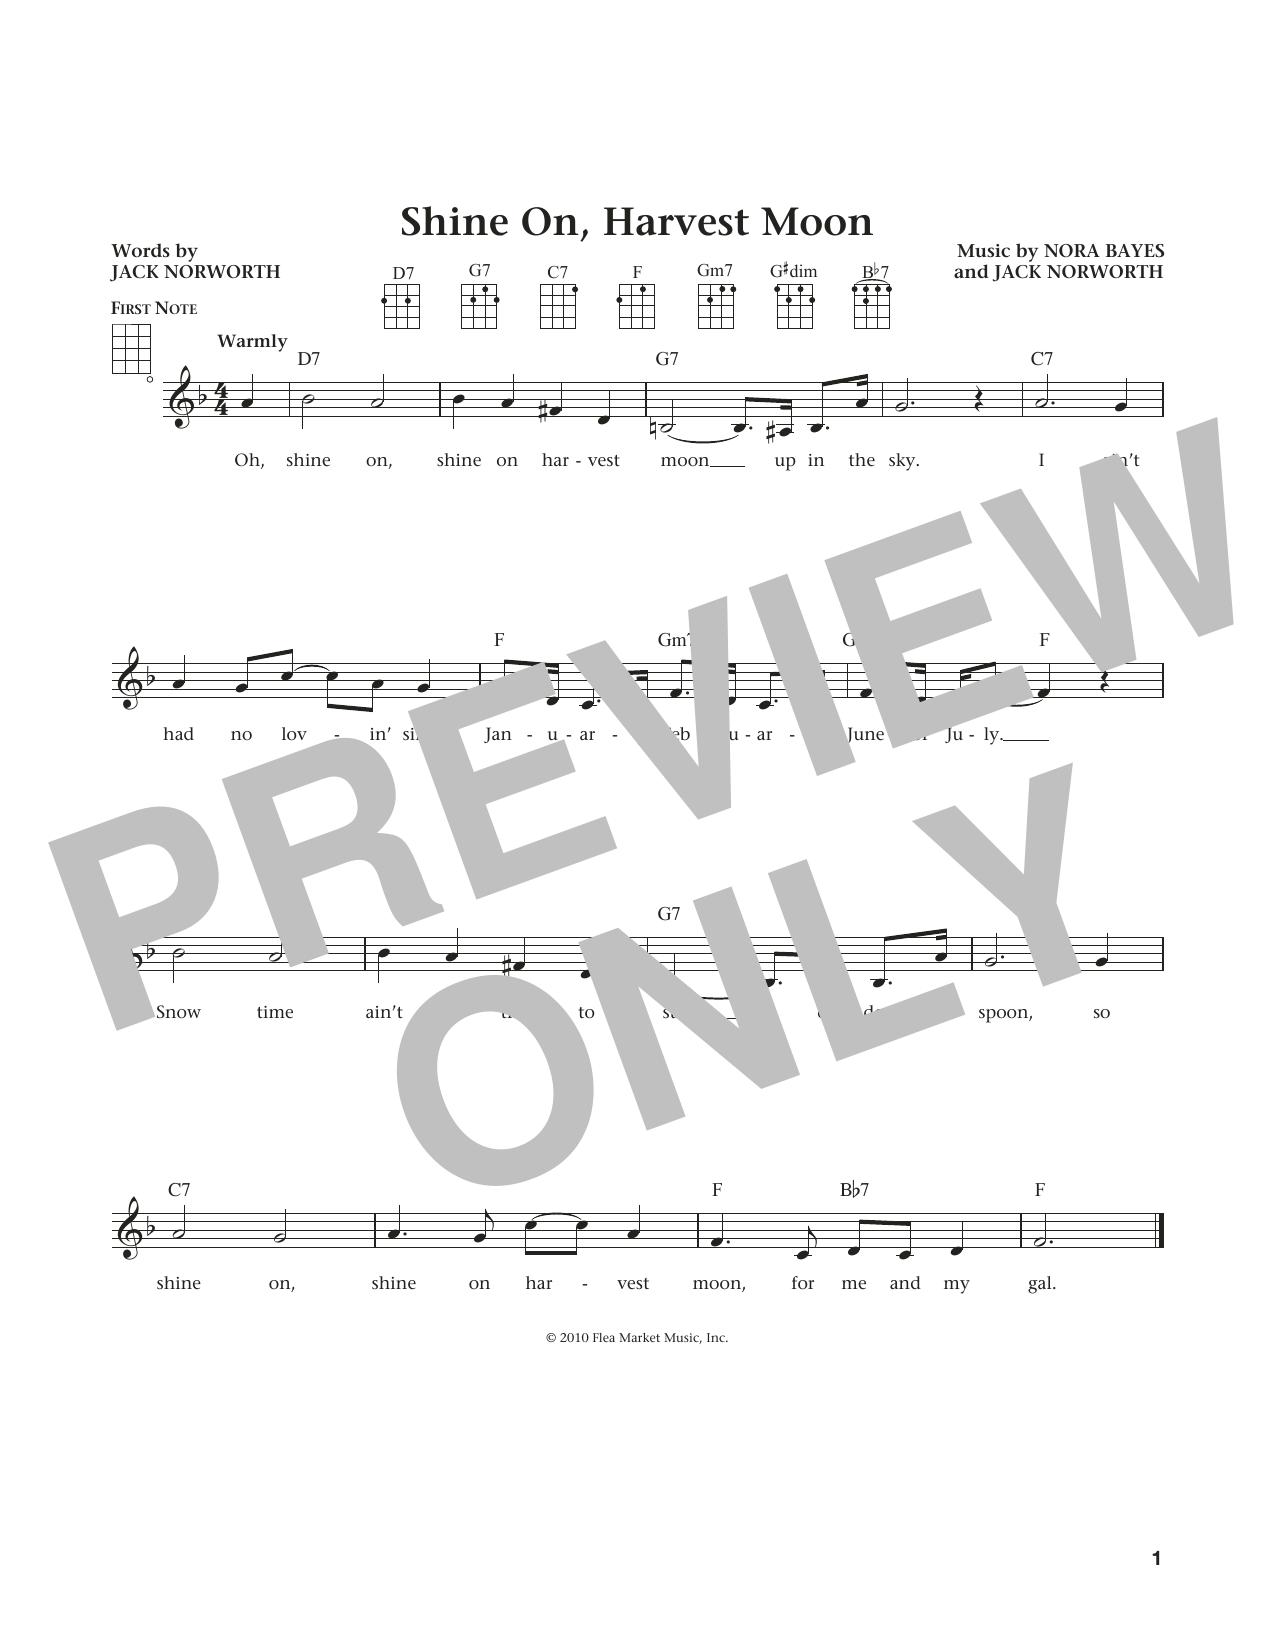 Shine On, Harvest Moon (from The Daily Ukulele) (arr. Liz and Jim Beloff) (Ukulele)